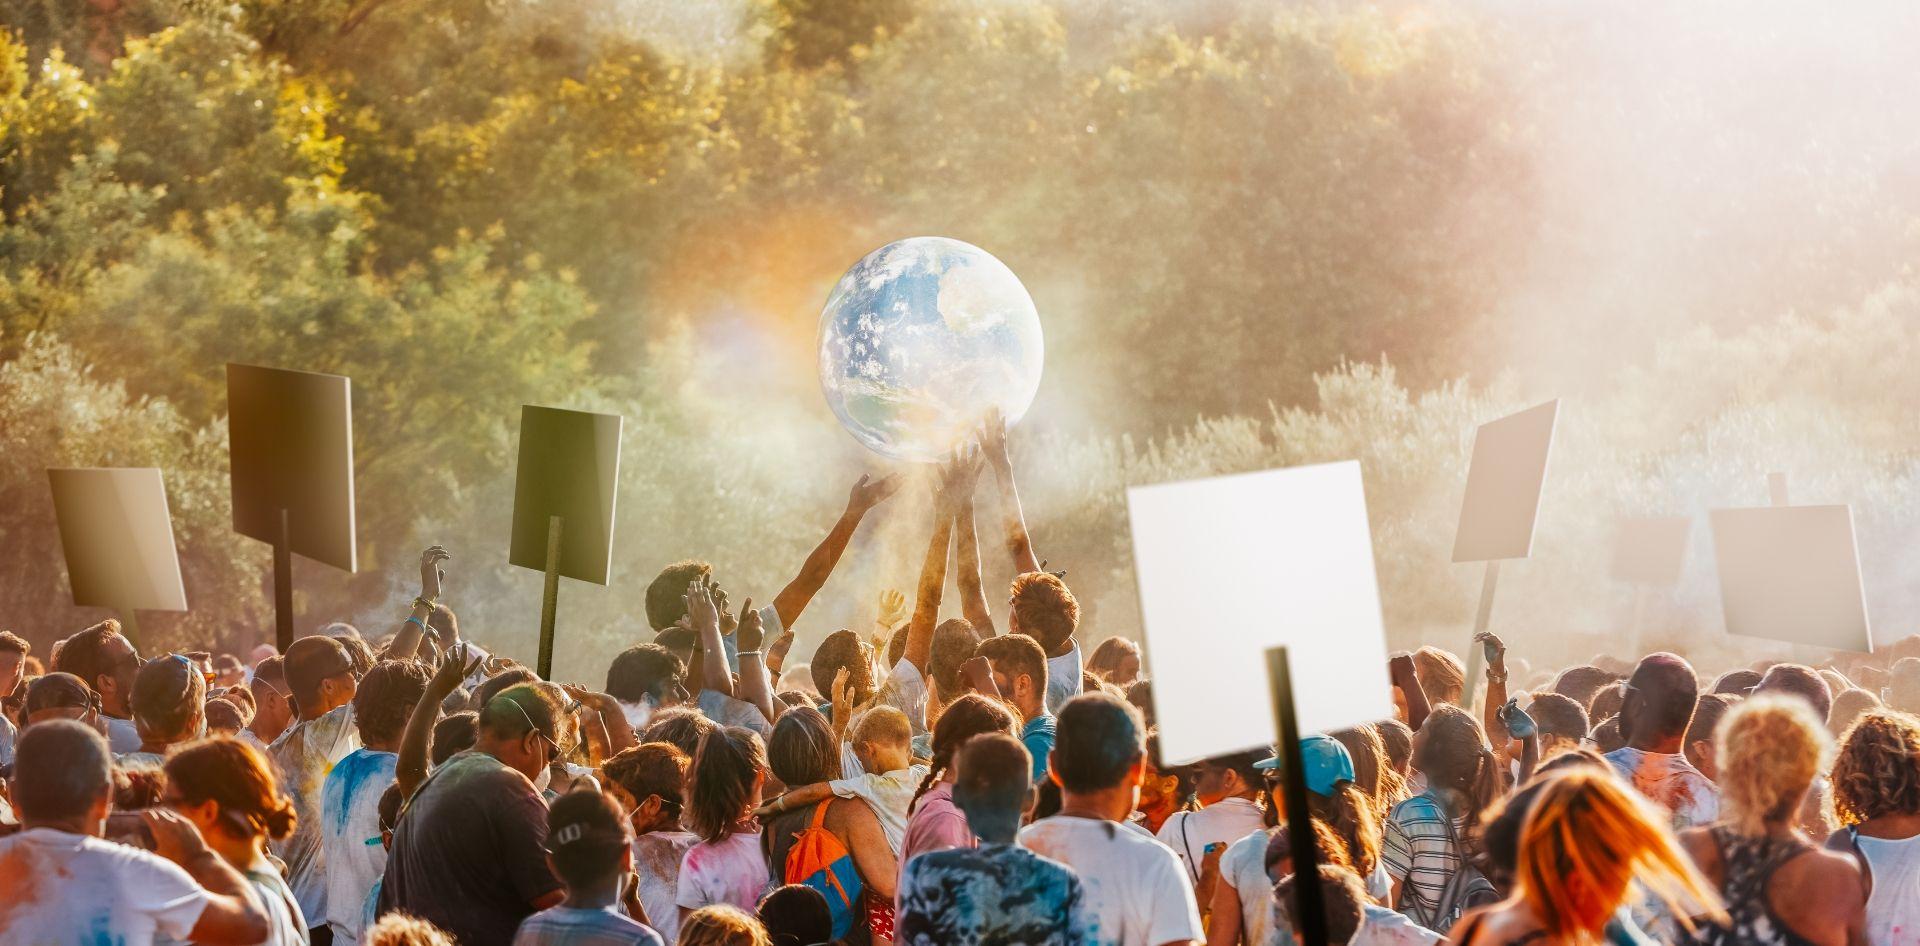 sobrepoblacion-cambio-climatico